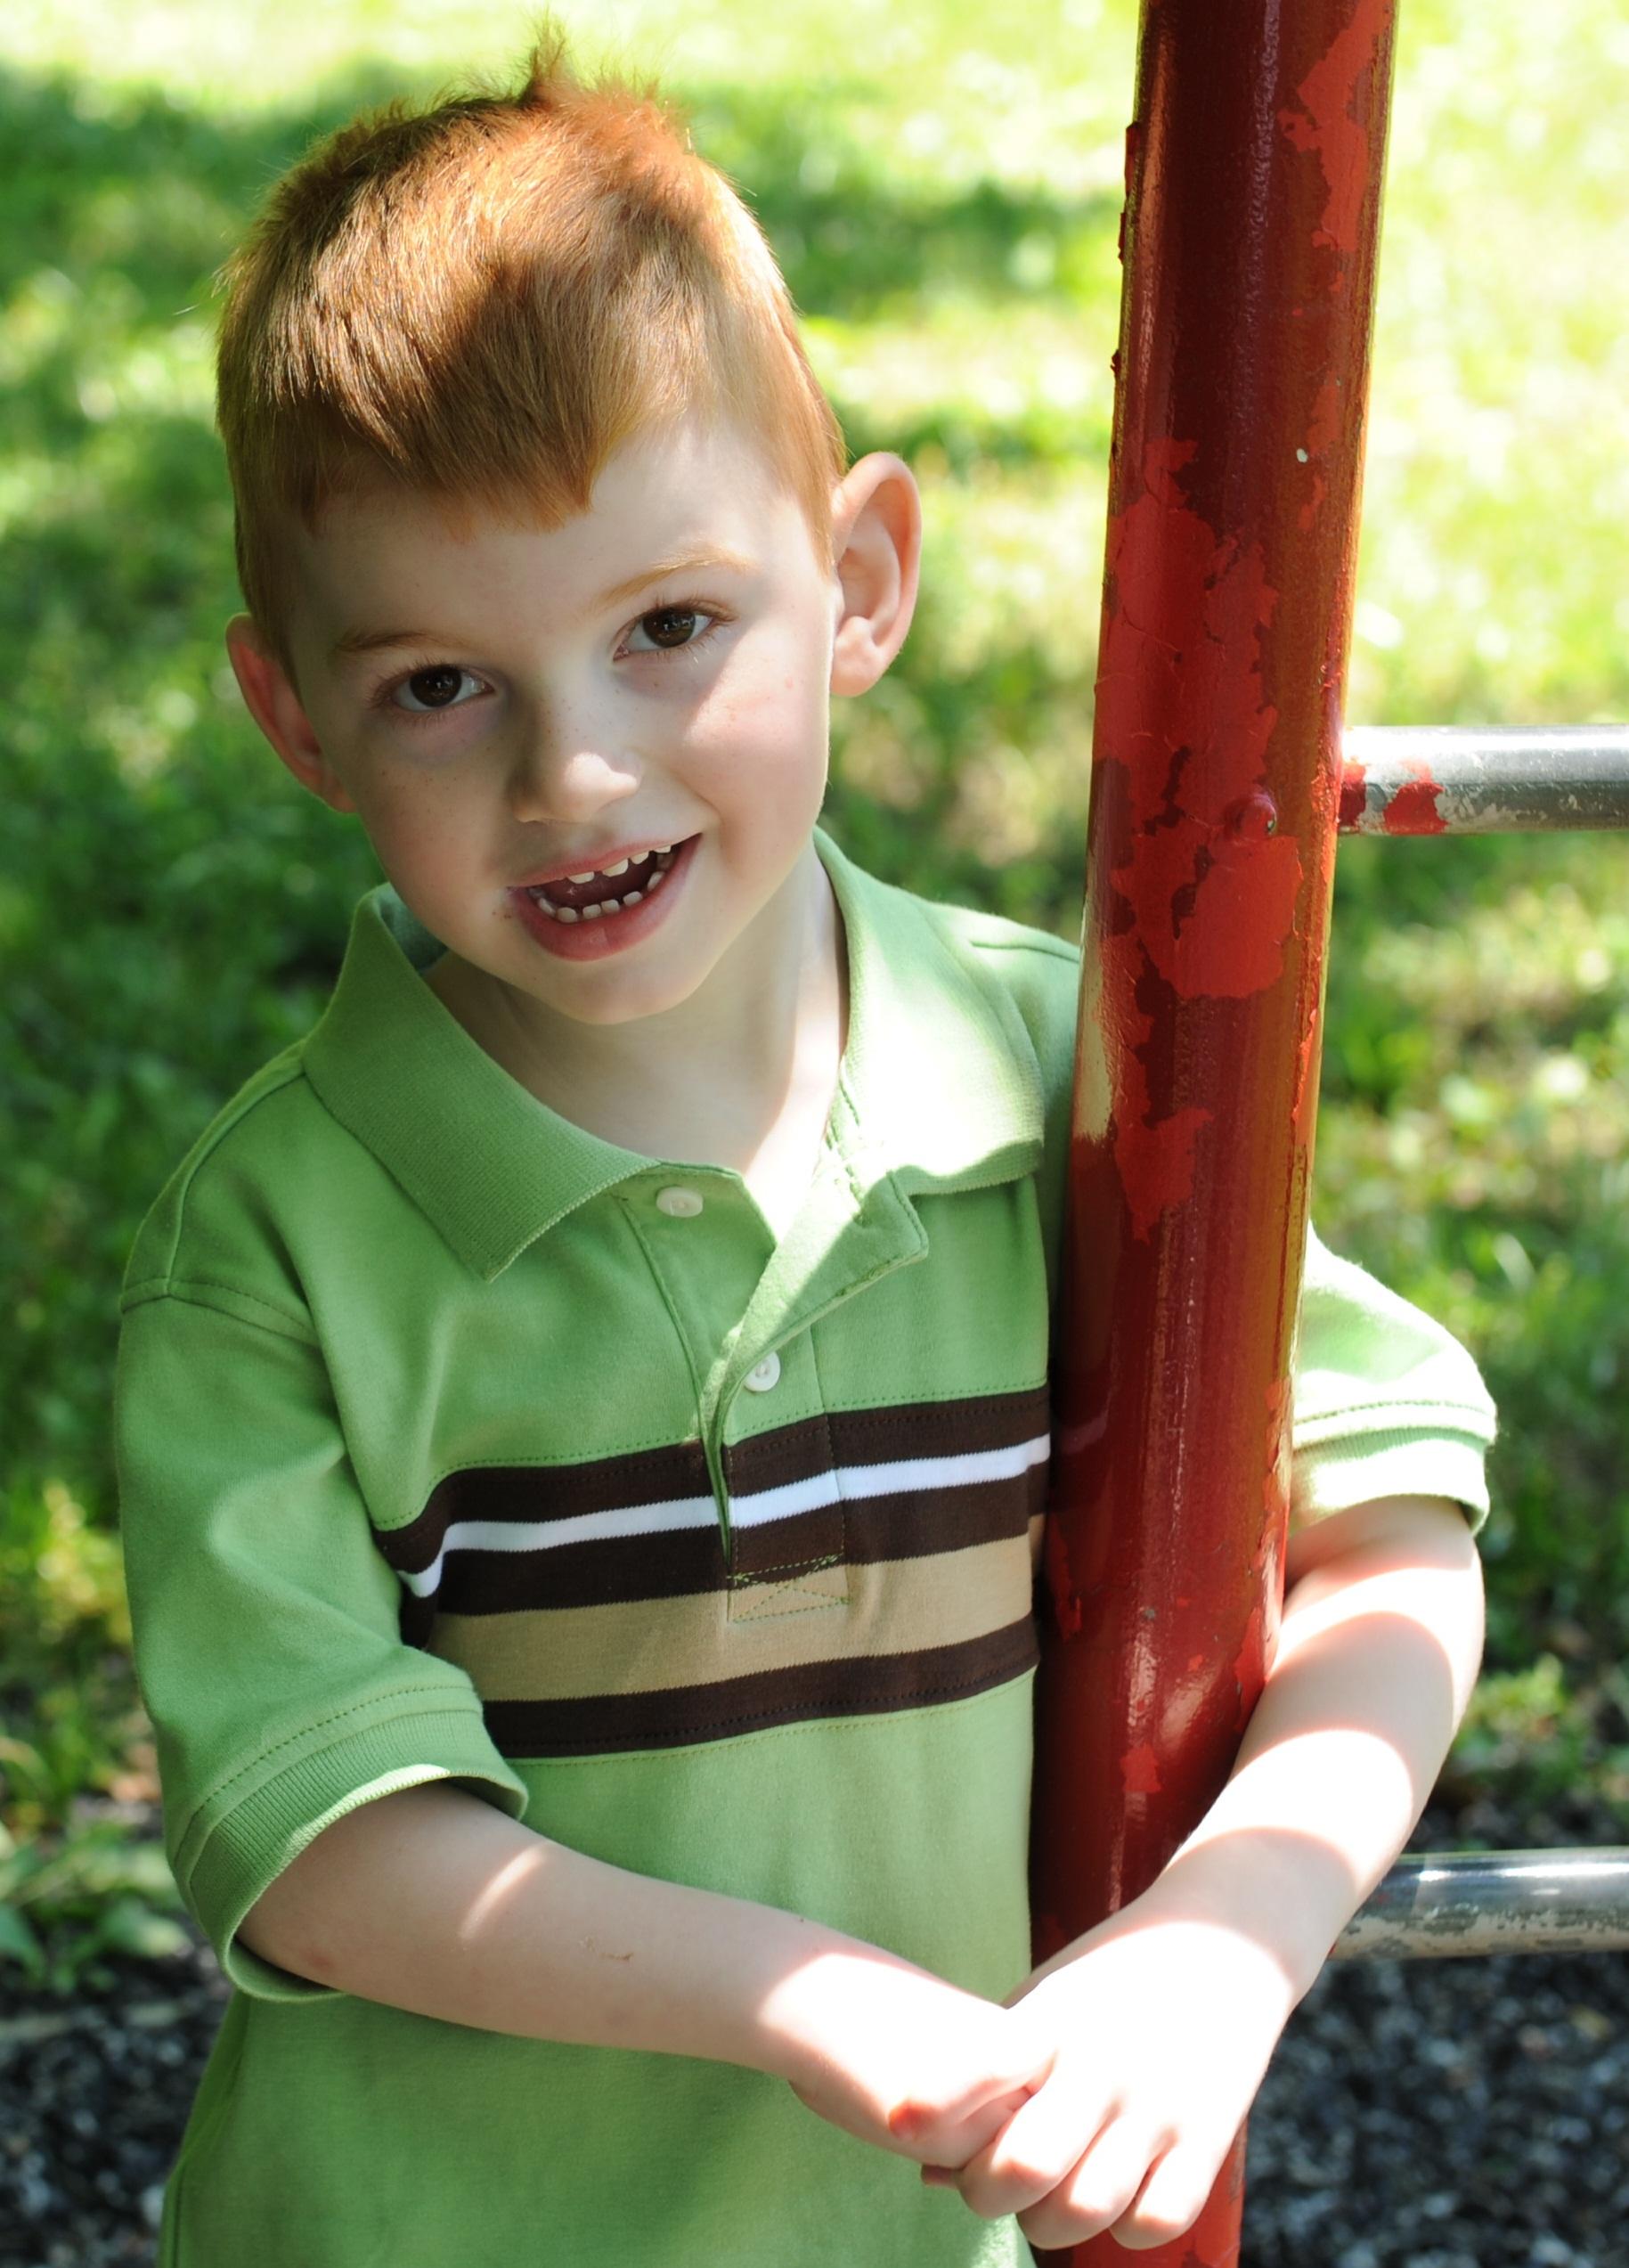 Pediatric Stroke Survivor has the Heart of a Champion